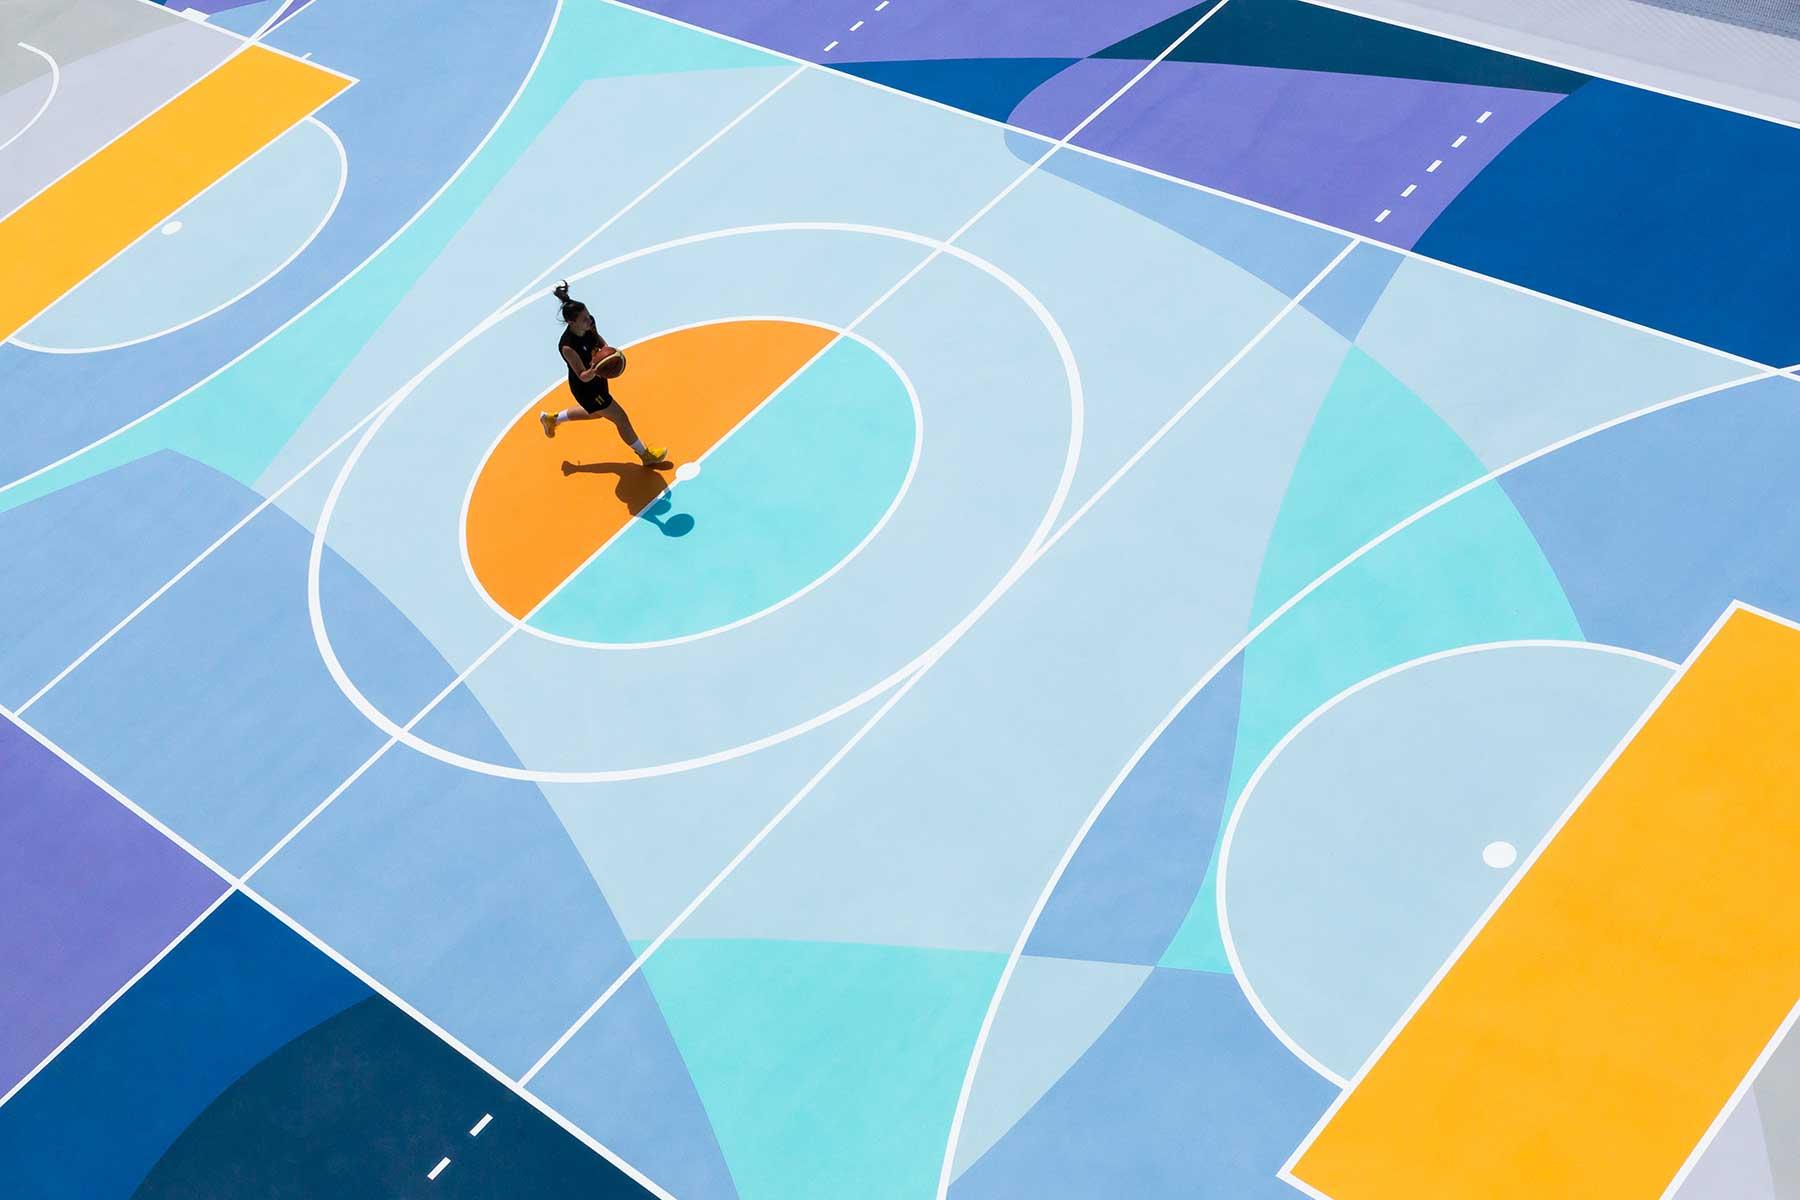 Farbenfrohe Basketballplätze von Gummy Gue